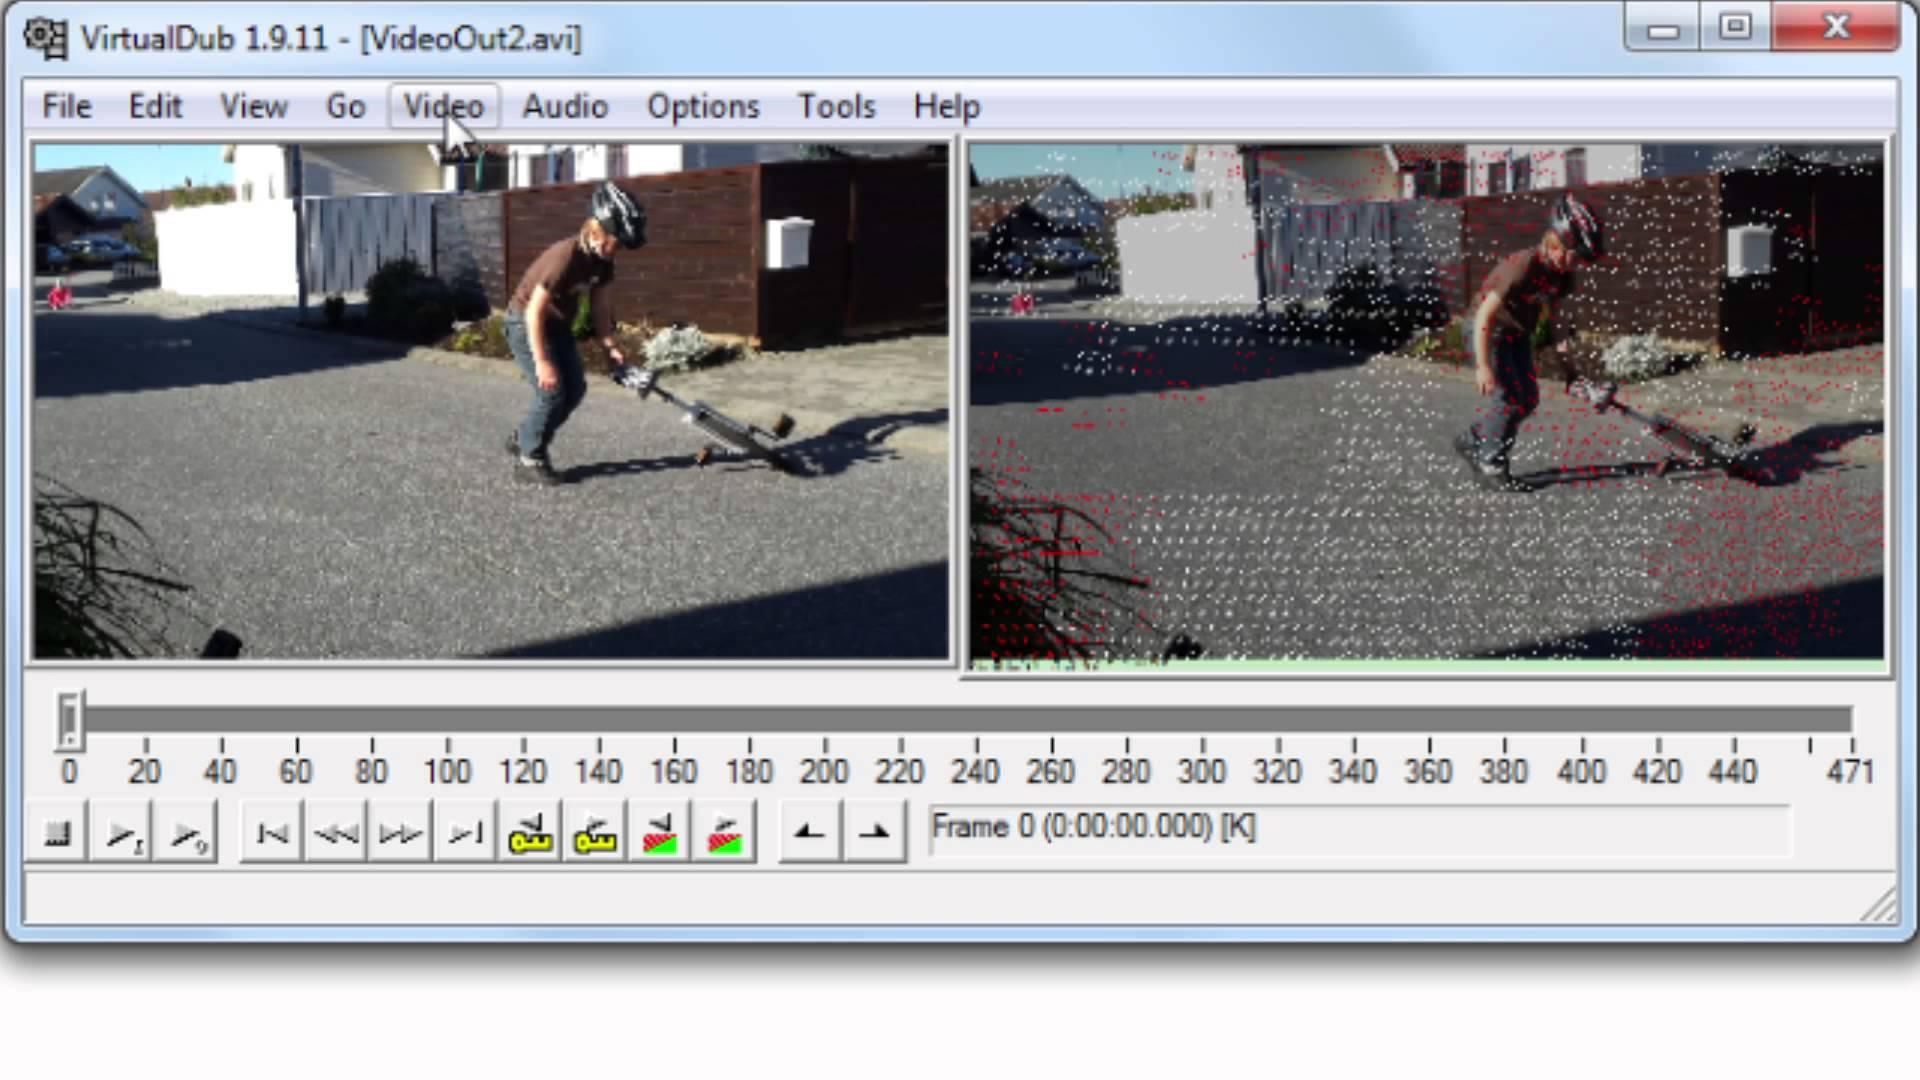 برنامج ازالة الكتابه من على الفيديو VirtualDub مع الشرح